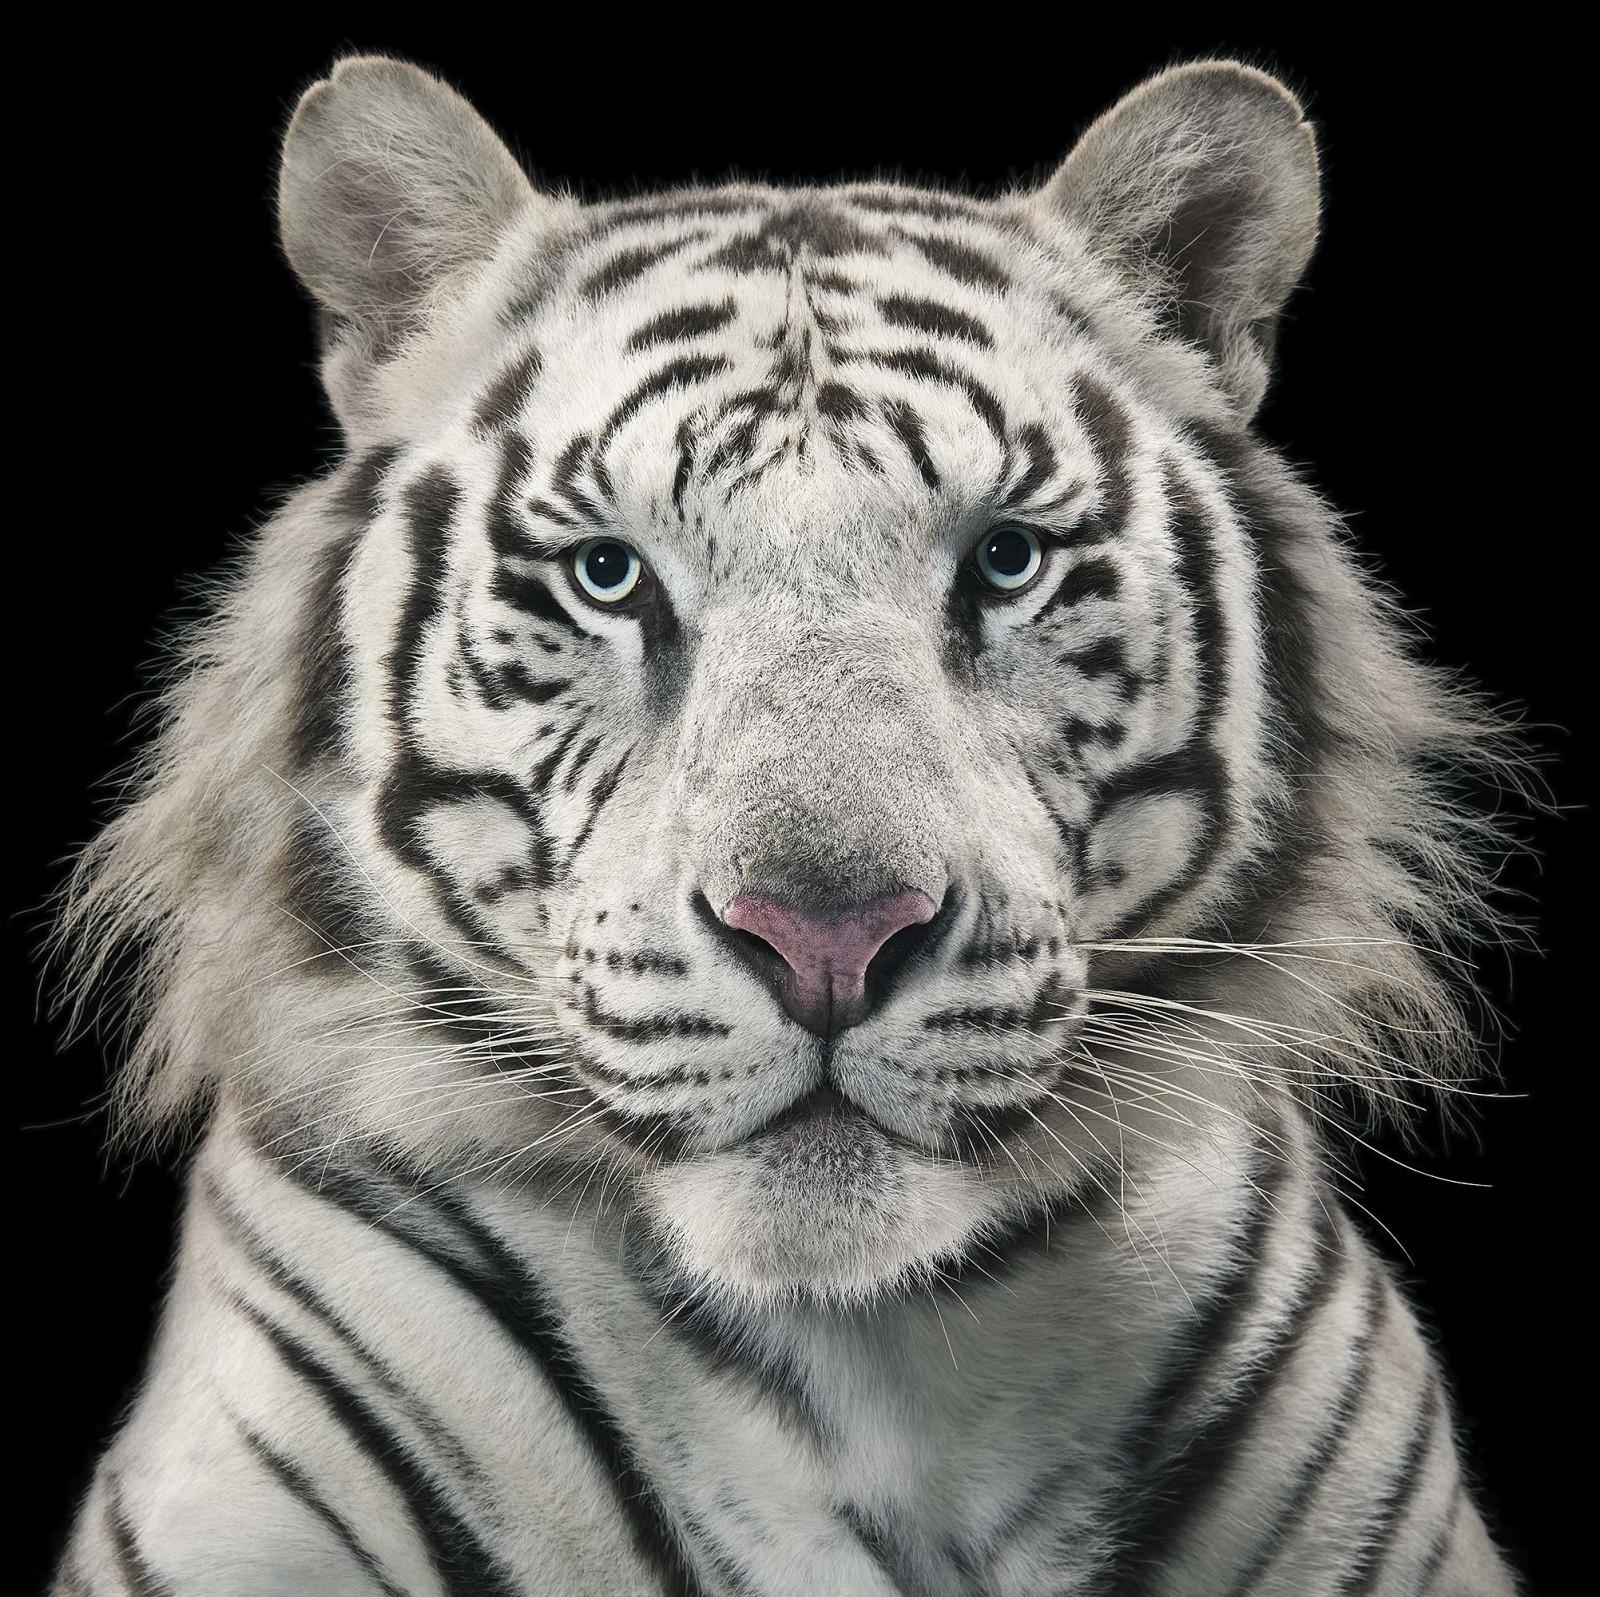 Royal_Tiger-1600x1597